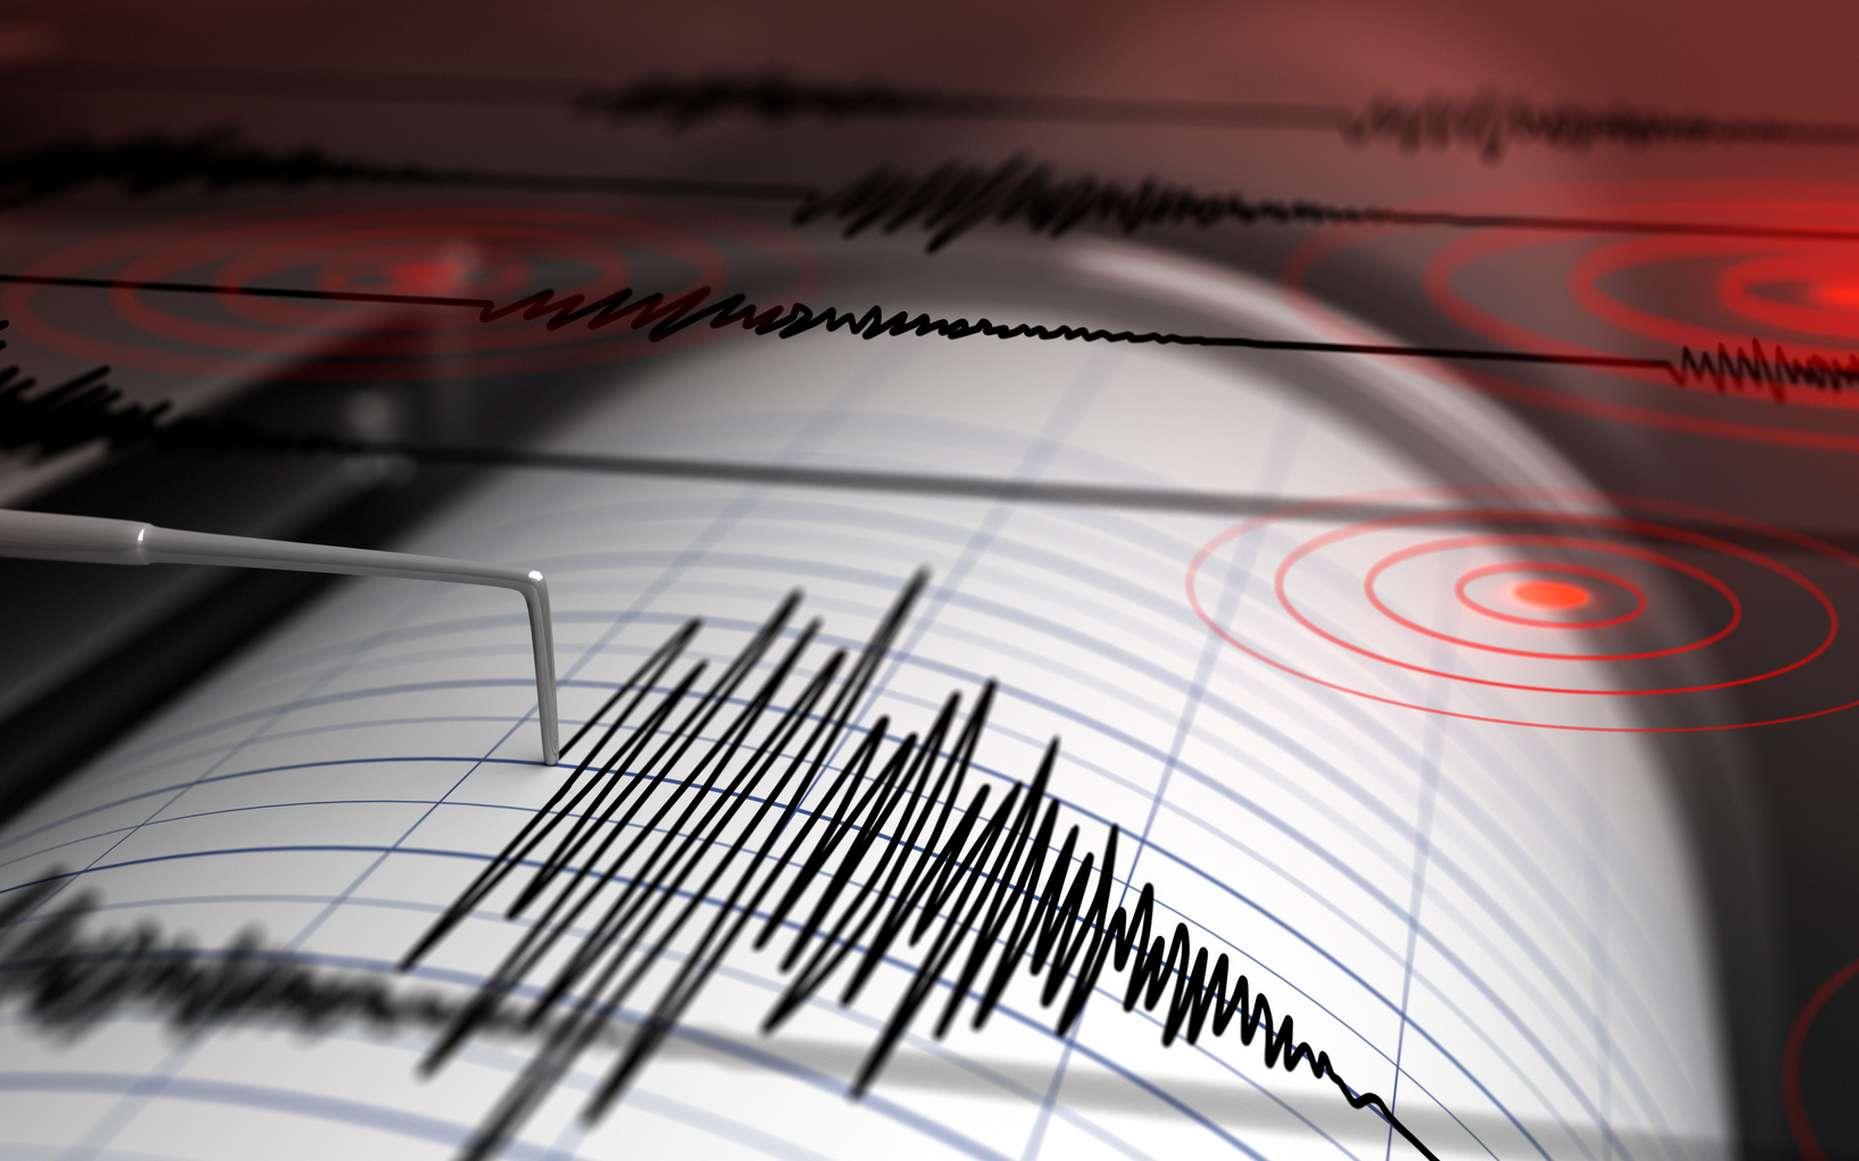 Les sismologues utilisent le sismographe pour enregistrer les ondes sismiques et connaître leur magnitude. © Petrovich12, Fotolia.